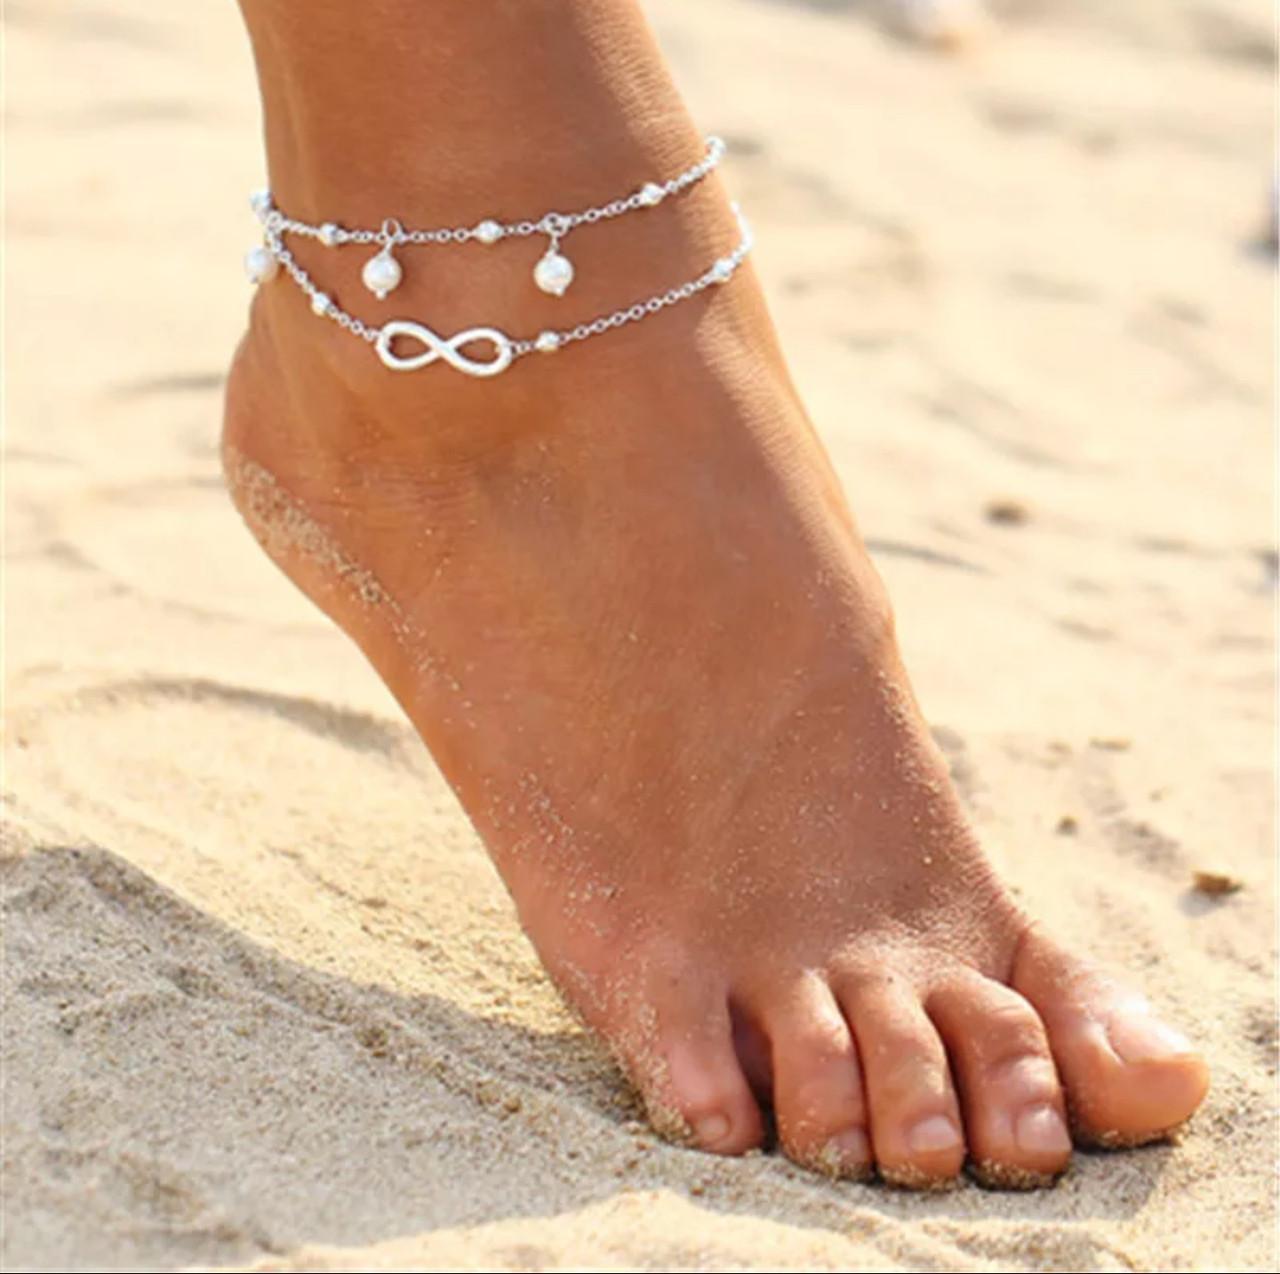 Ланцюжок на ногу знак нескінченності